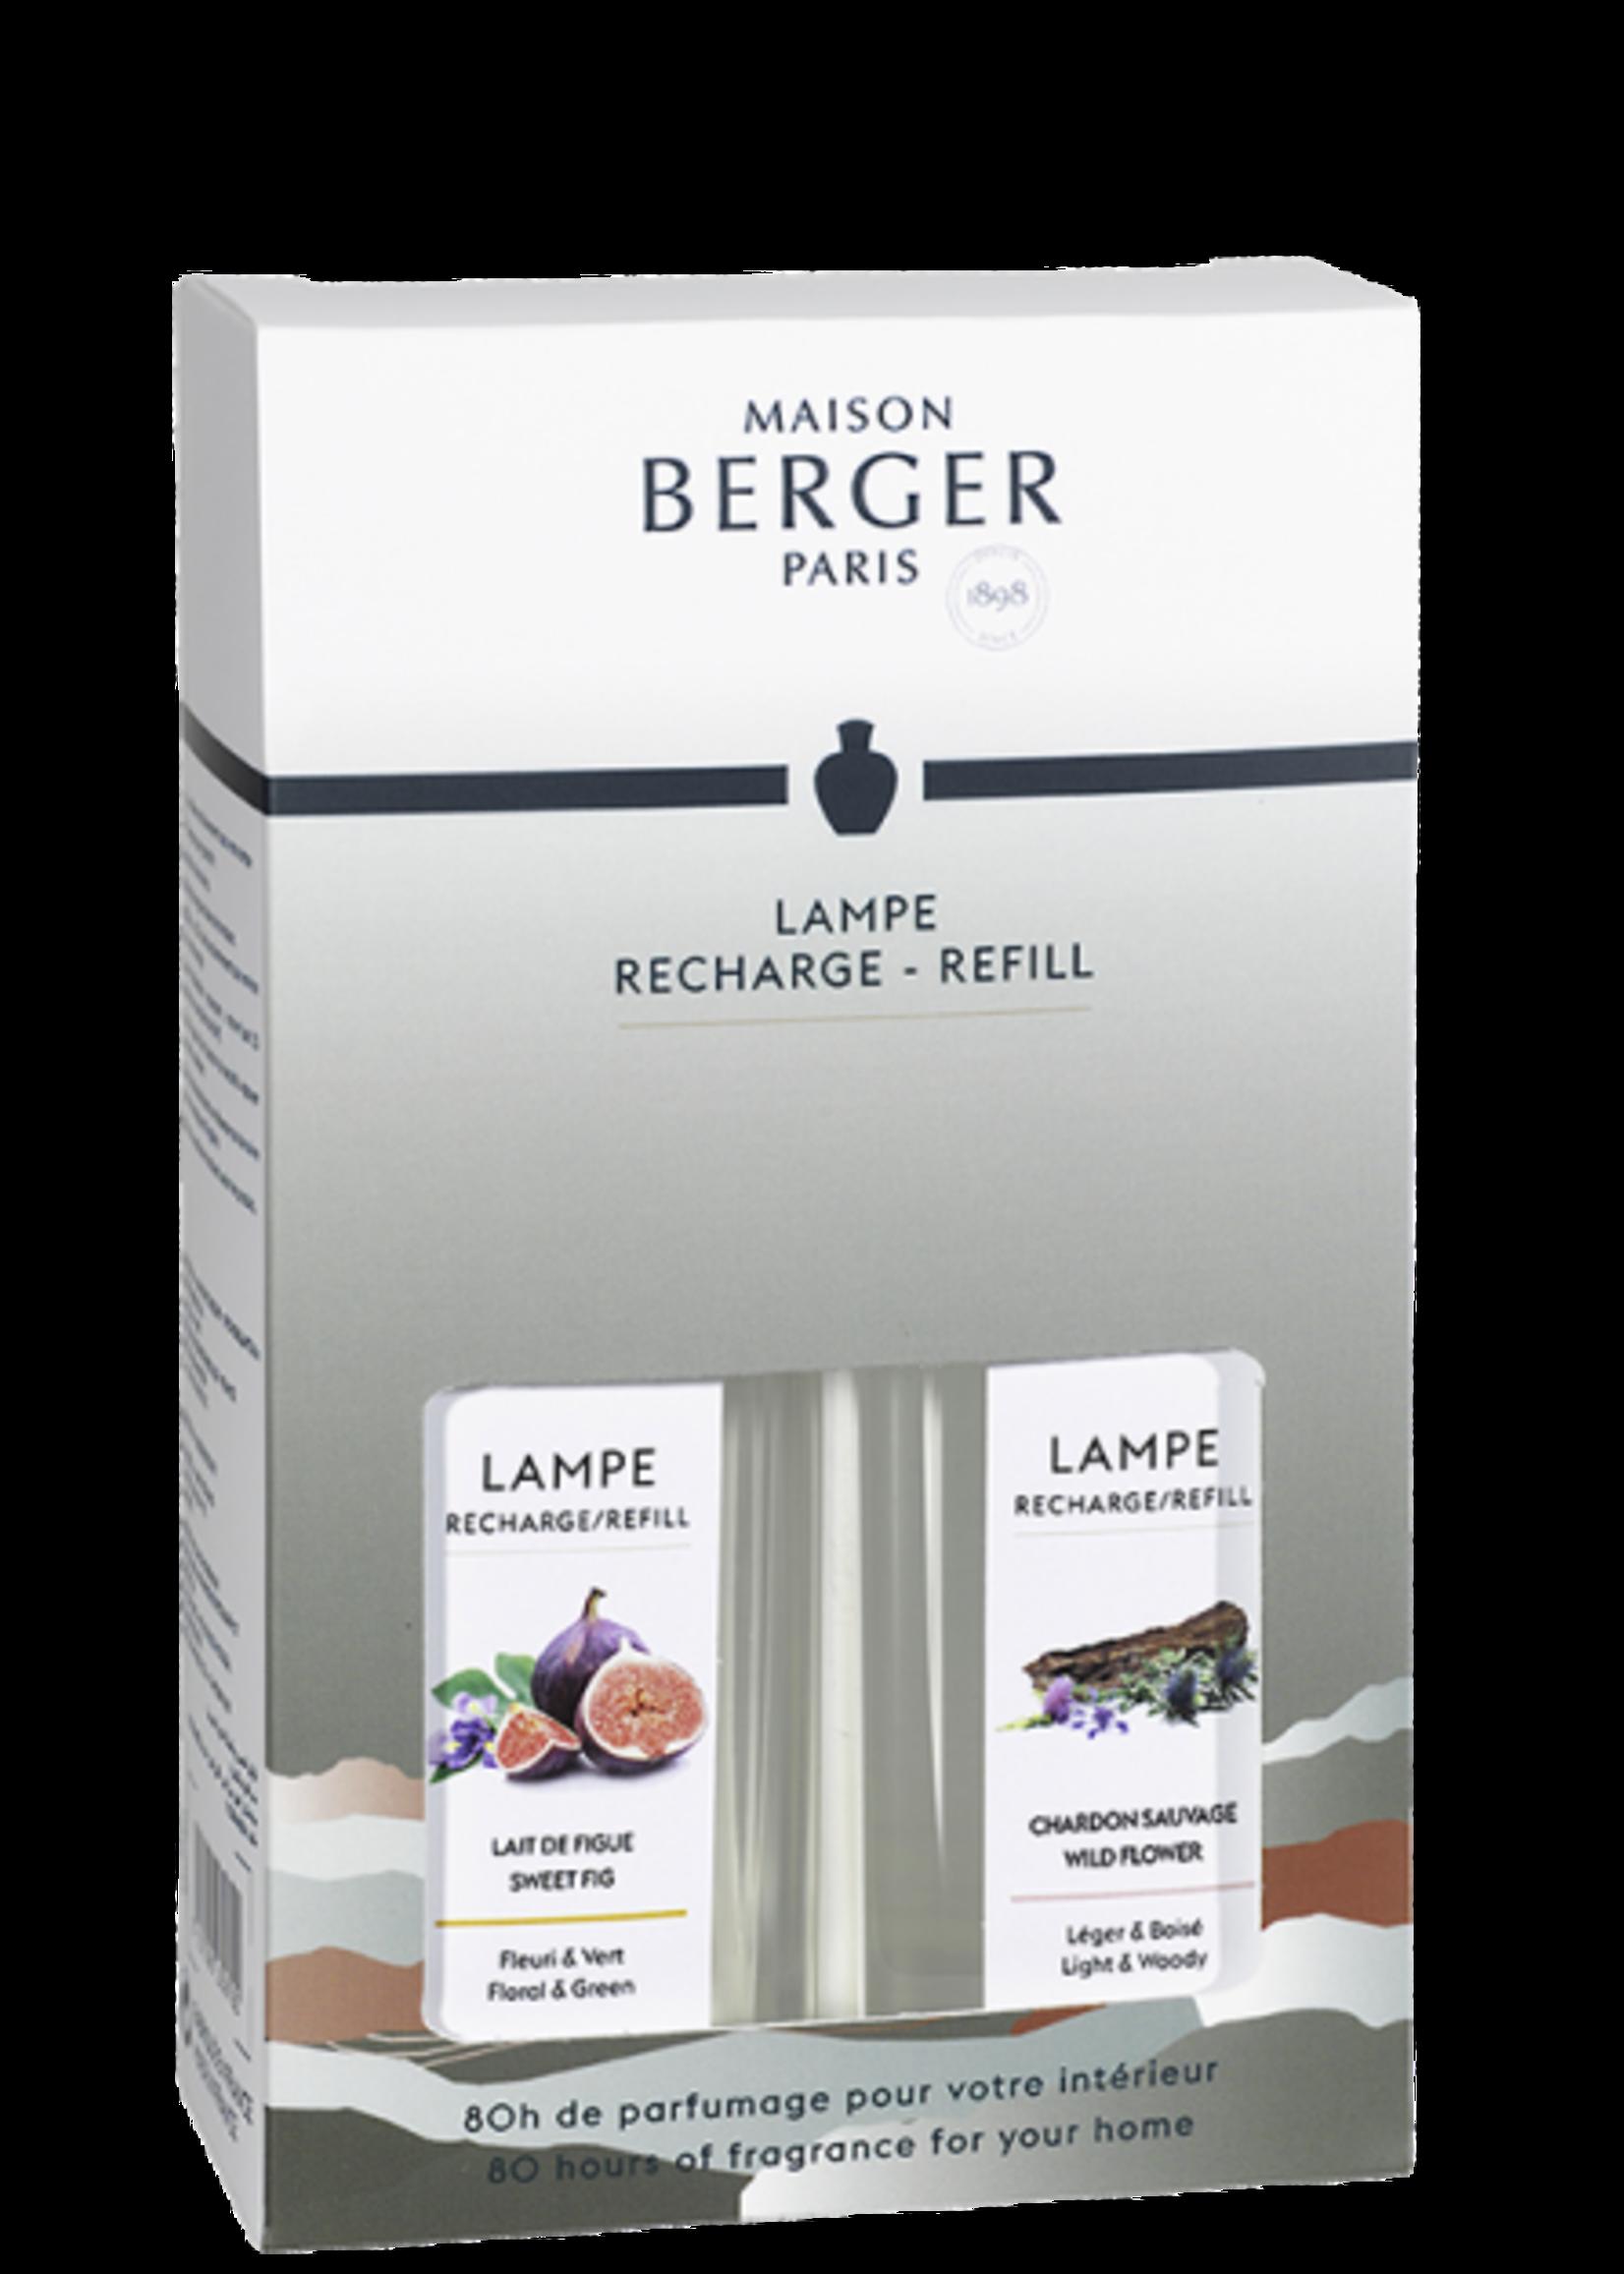 Lampe Berger Giftset 2 Lampe Berger Huisparfum Land 250ml